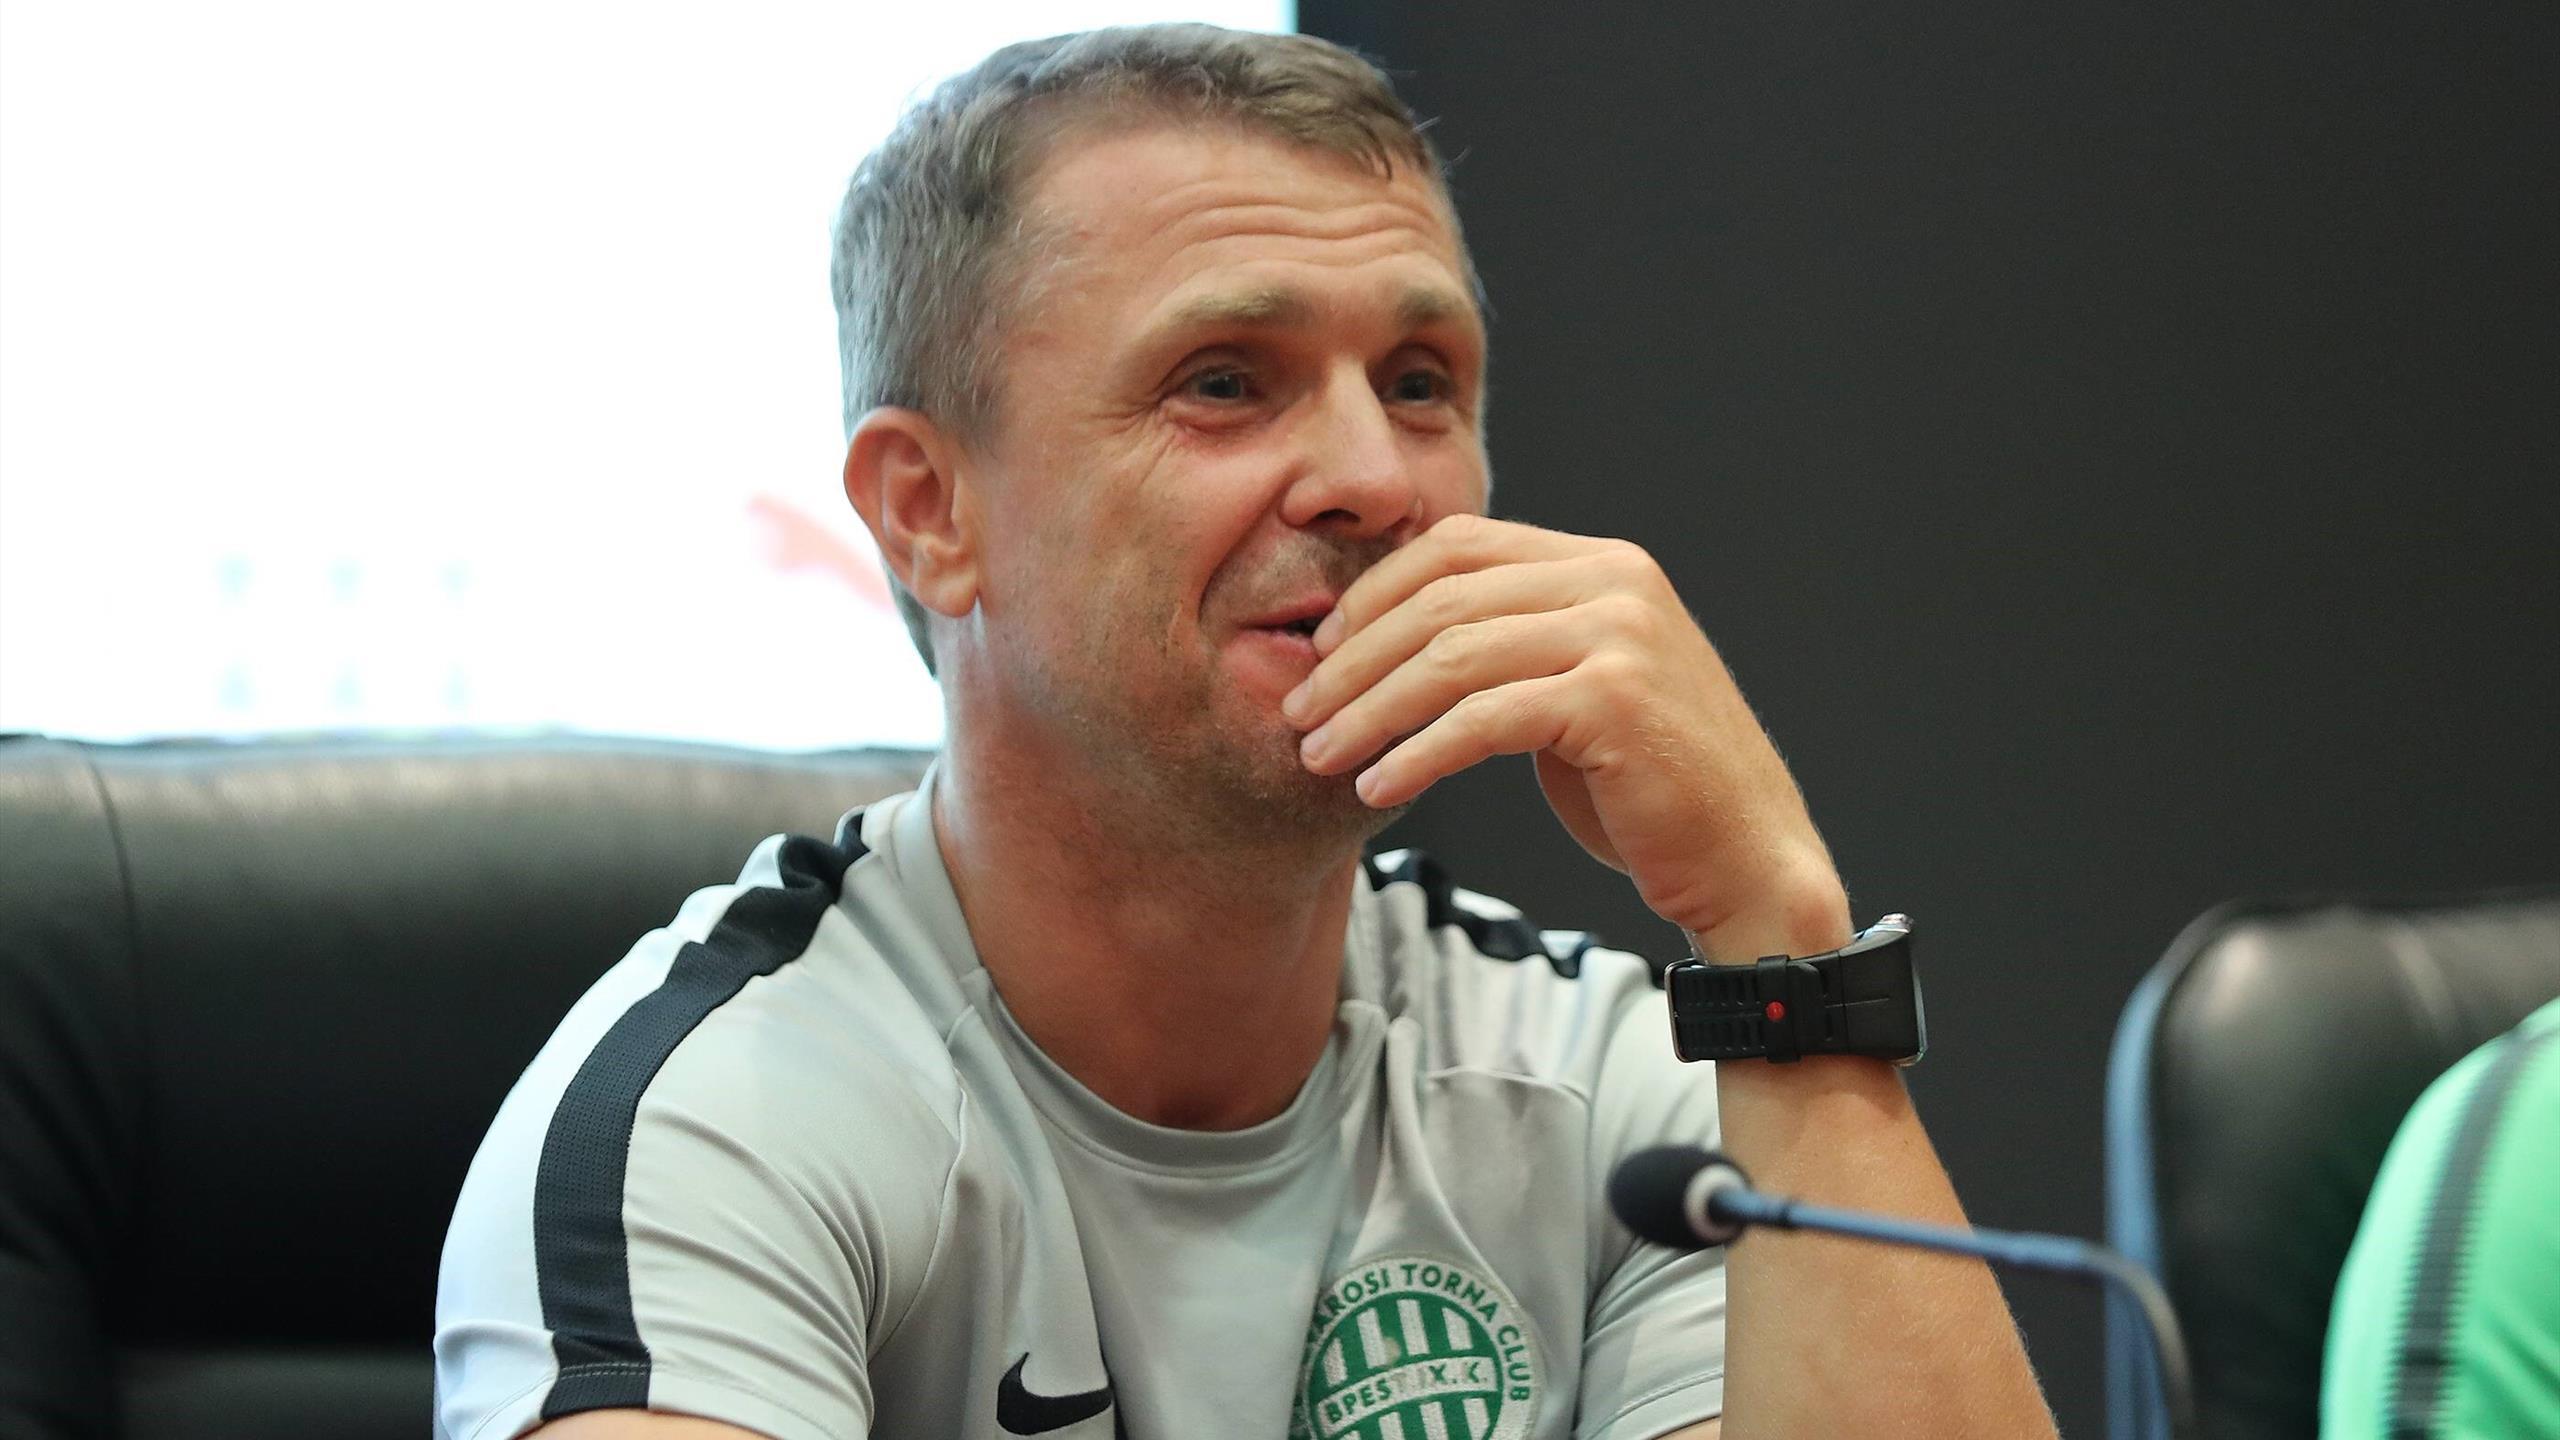 Photo of Ребров вывел «Ференцварош» в ЛЧ без денег. Похожий проект ему зарубили в «Динамо» | Eurosport.ru